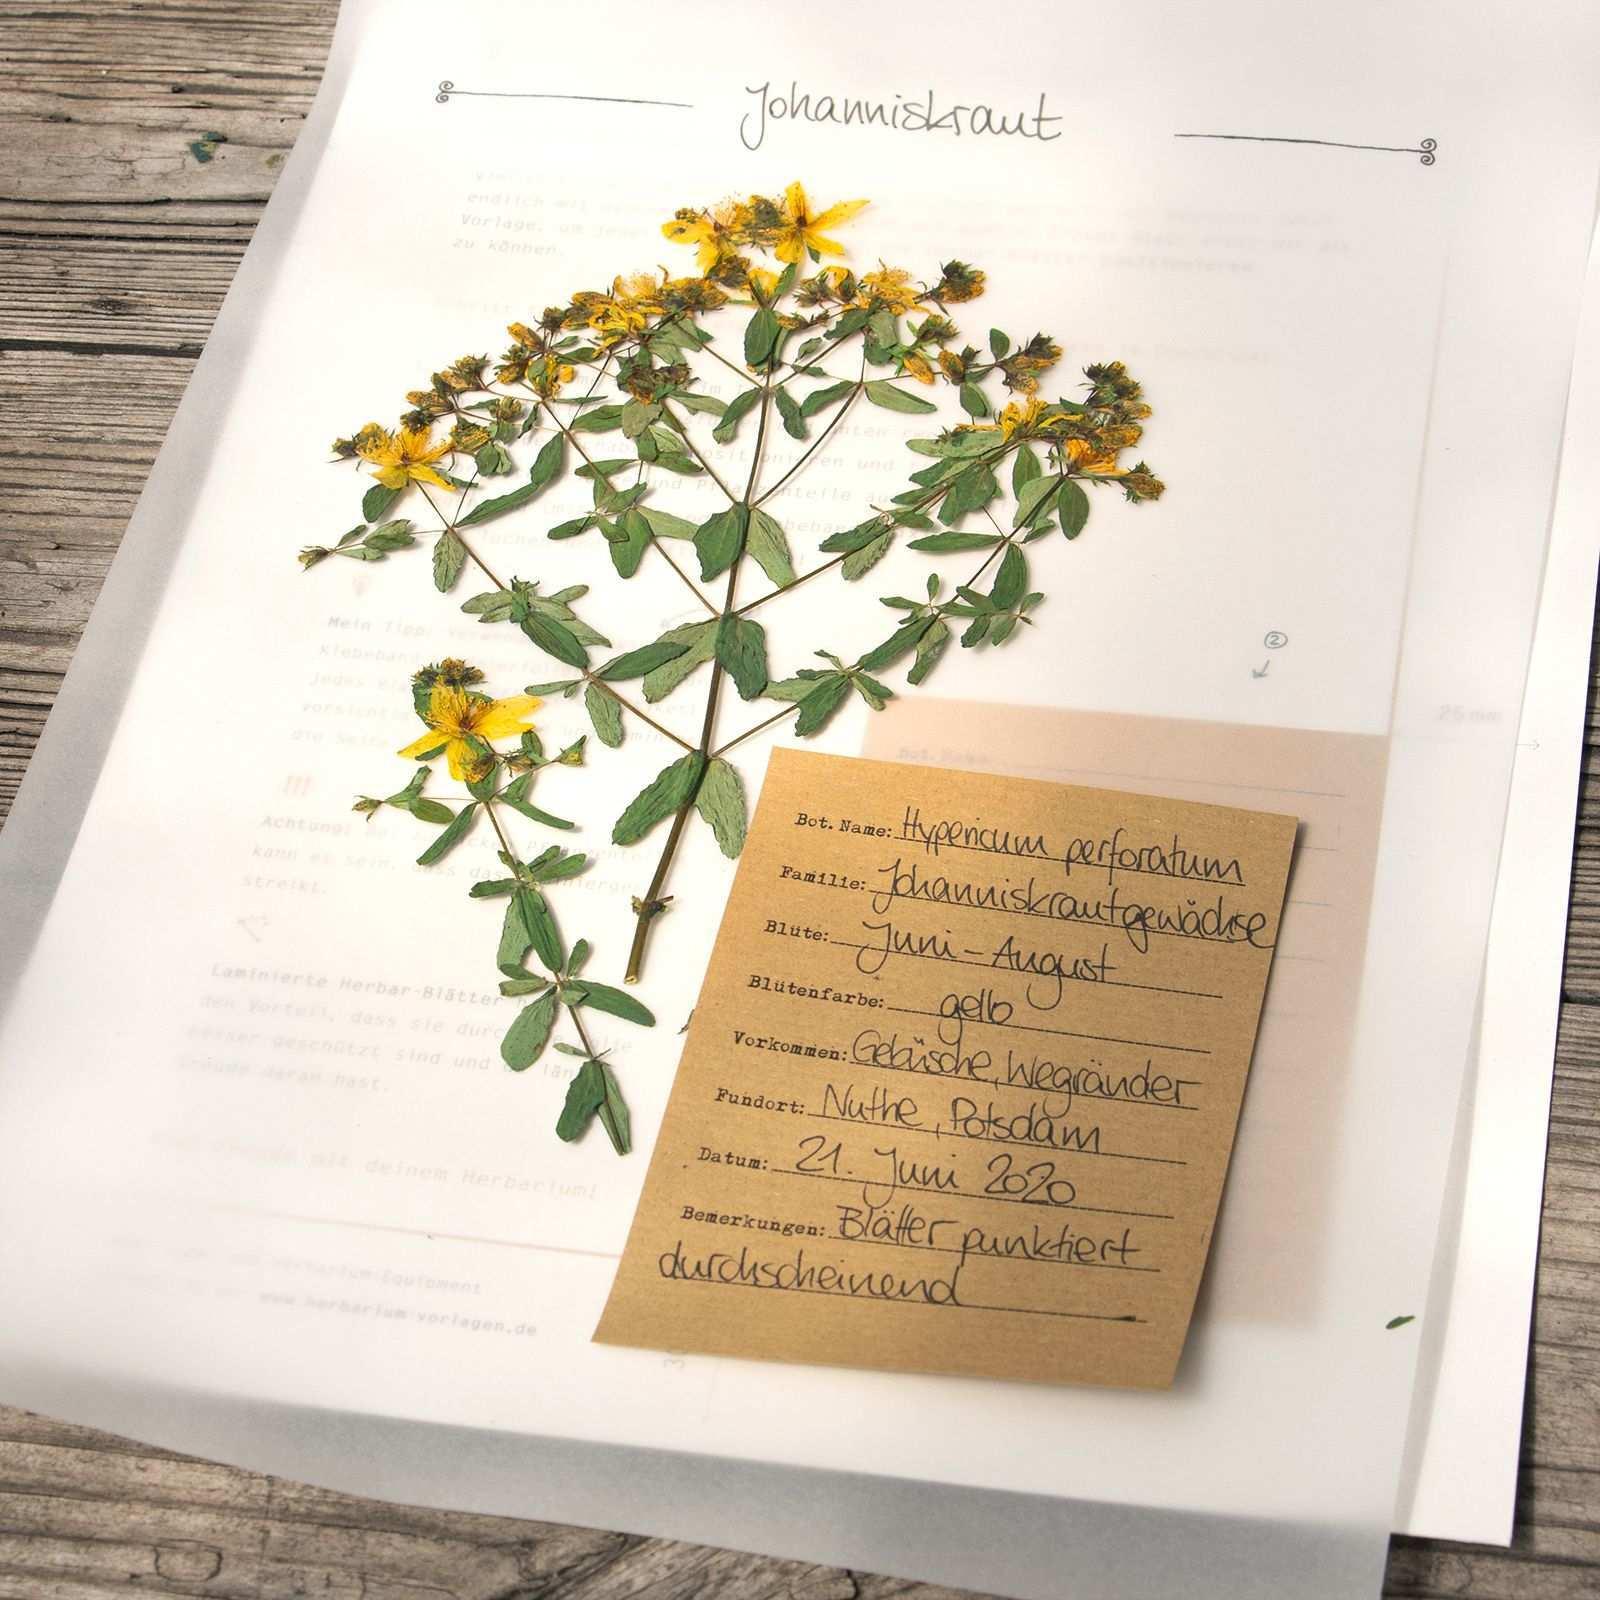 Gestalte Dein Eigenes Herbarium In 2020 Herbarium Vorlage Deckblatt Vorlage Pflanzenblatter